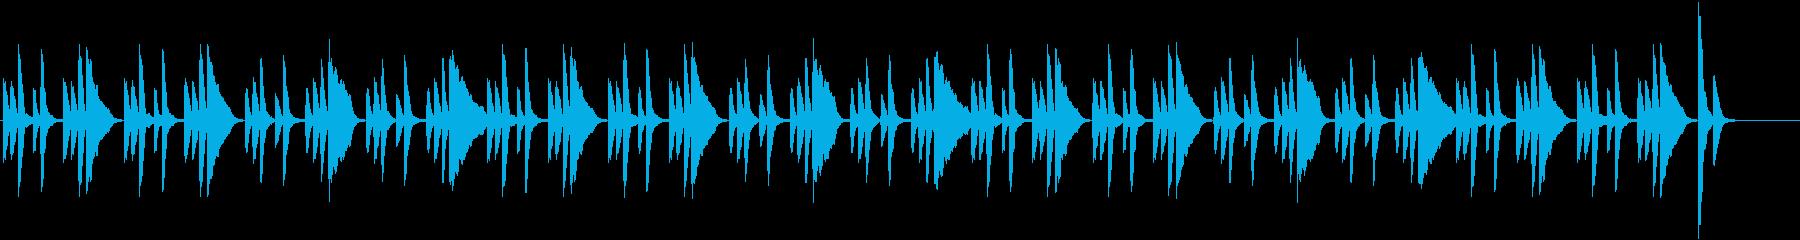 日常コミカル・シンプルで軽快なピアノの再生済みの波形